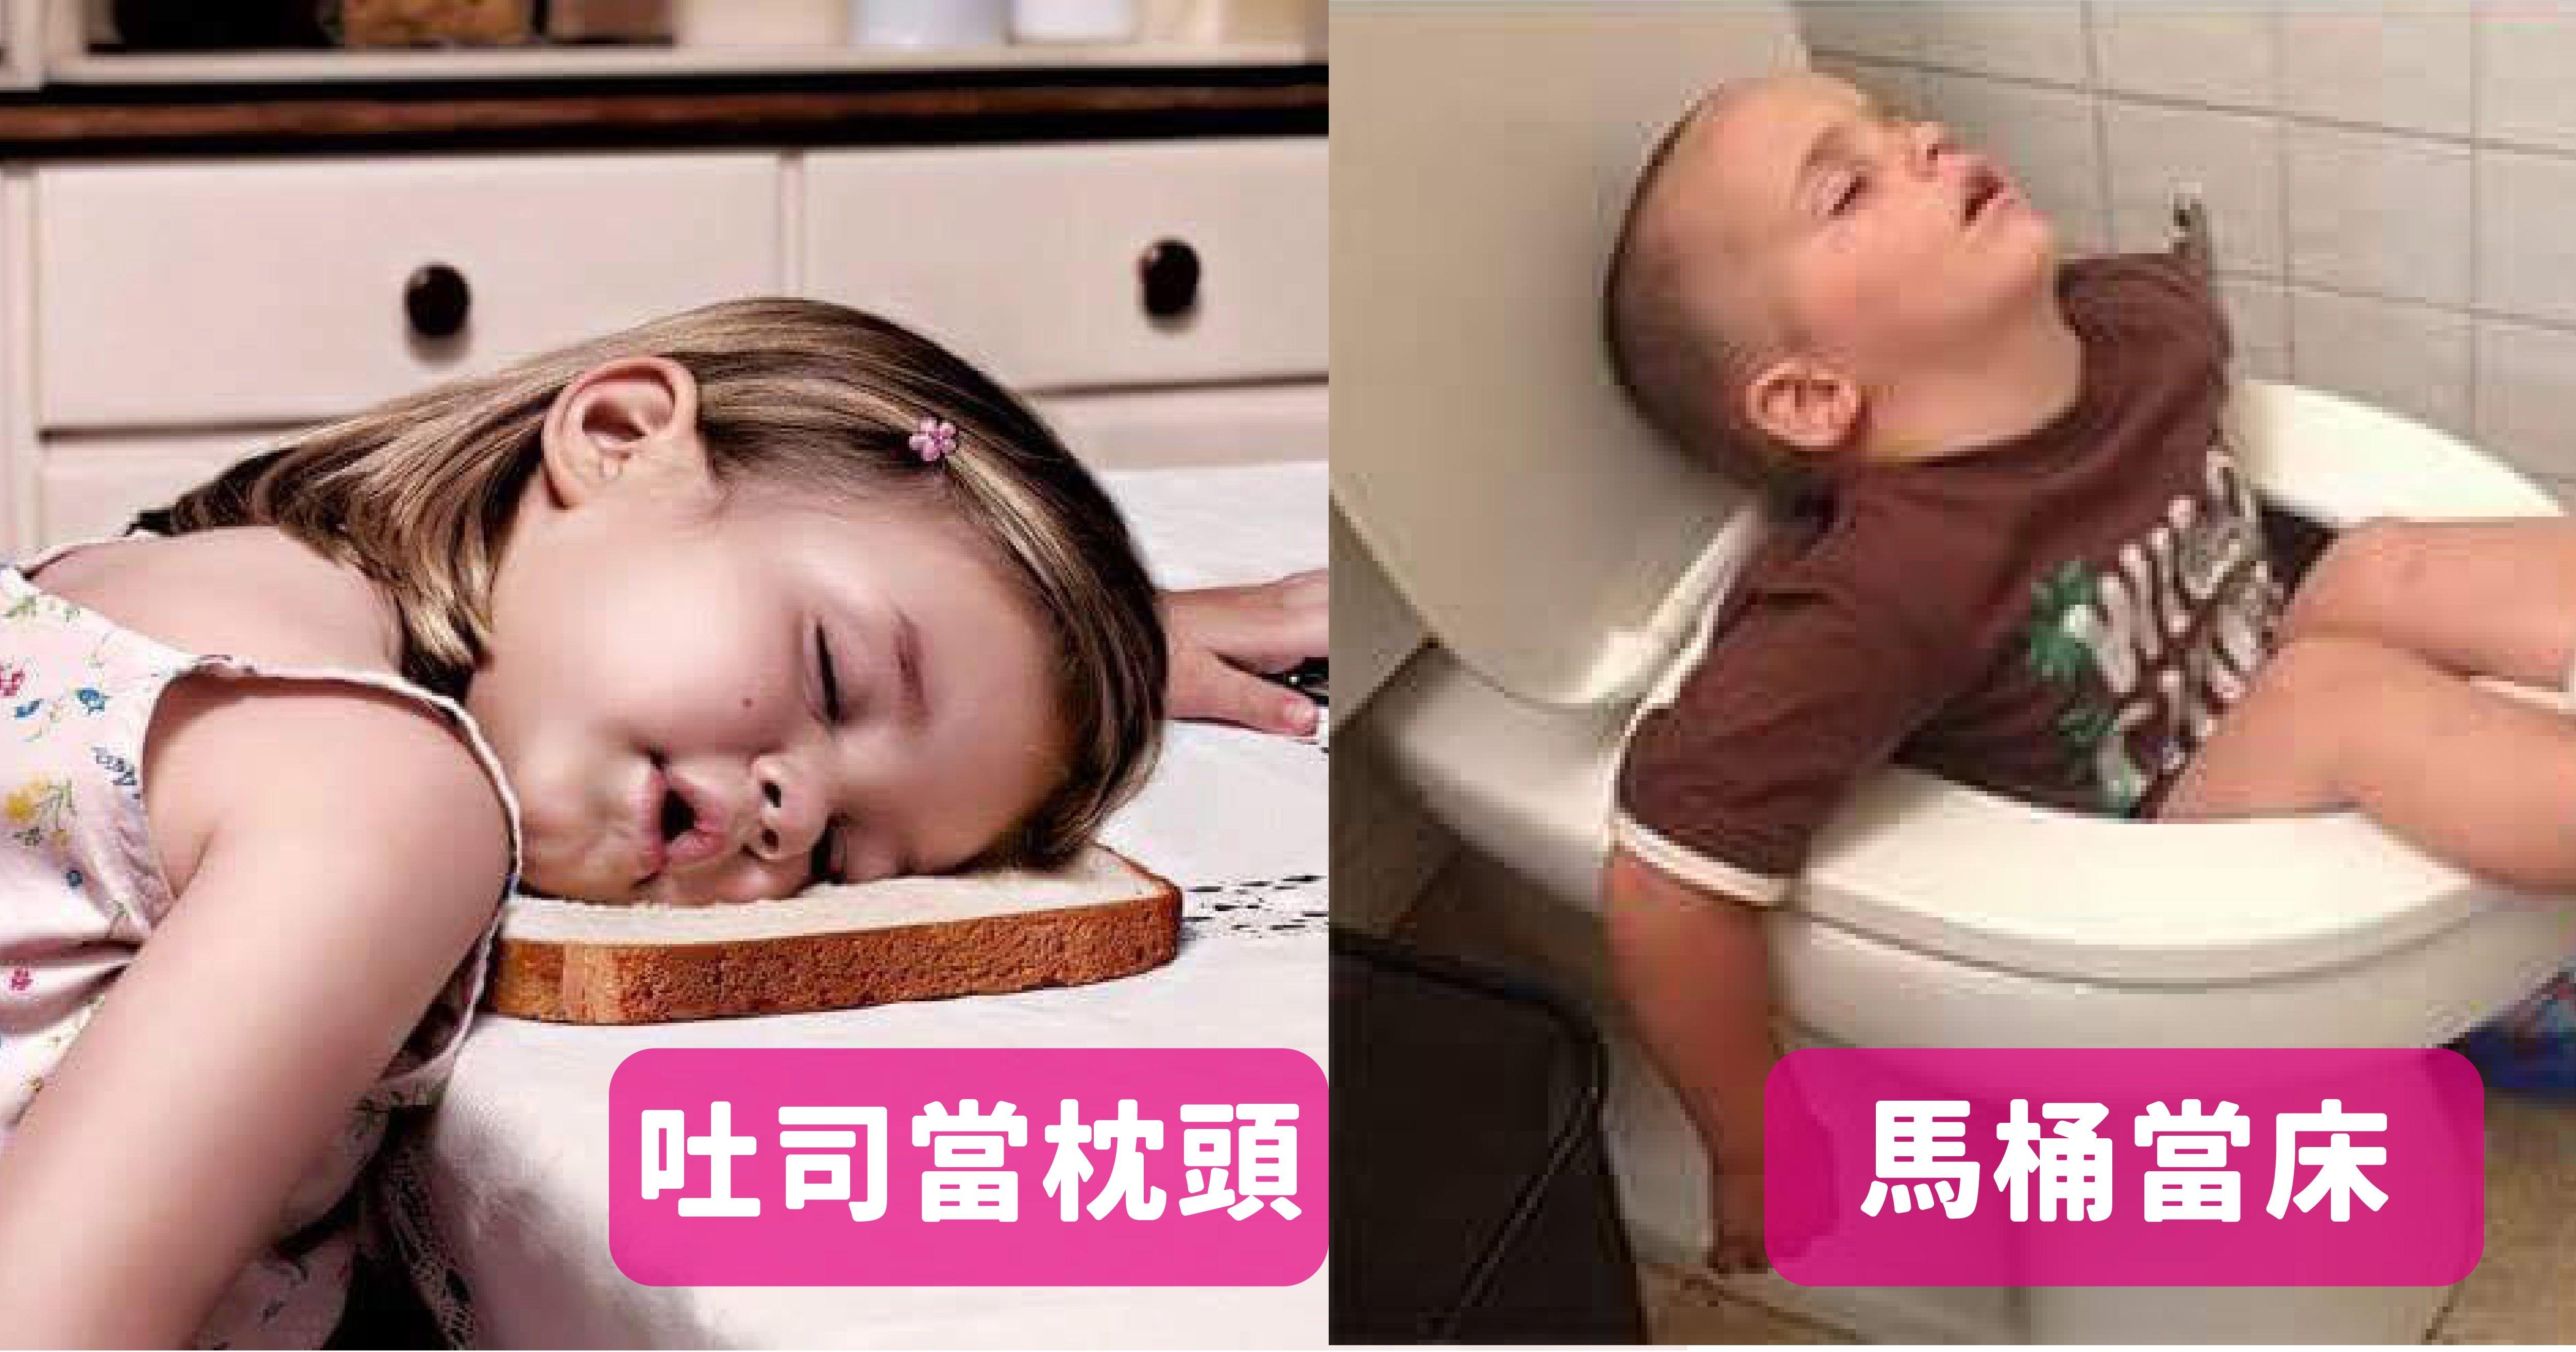 vonvone5b081e99da2 01 10.png?resize=1200,630 - 睡到併軌!這些小朋友睡著的地點超離奇,第六位到底怎麼睡到馬桶裡的?